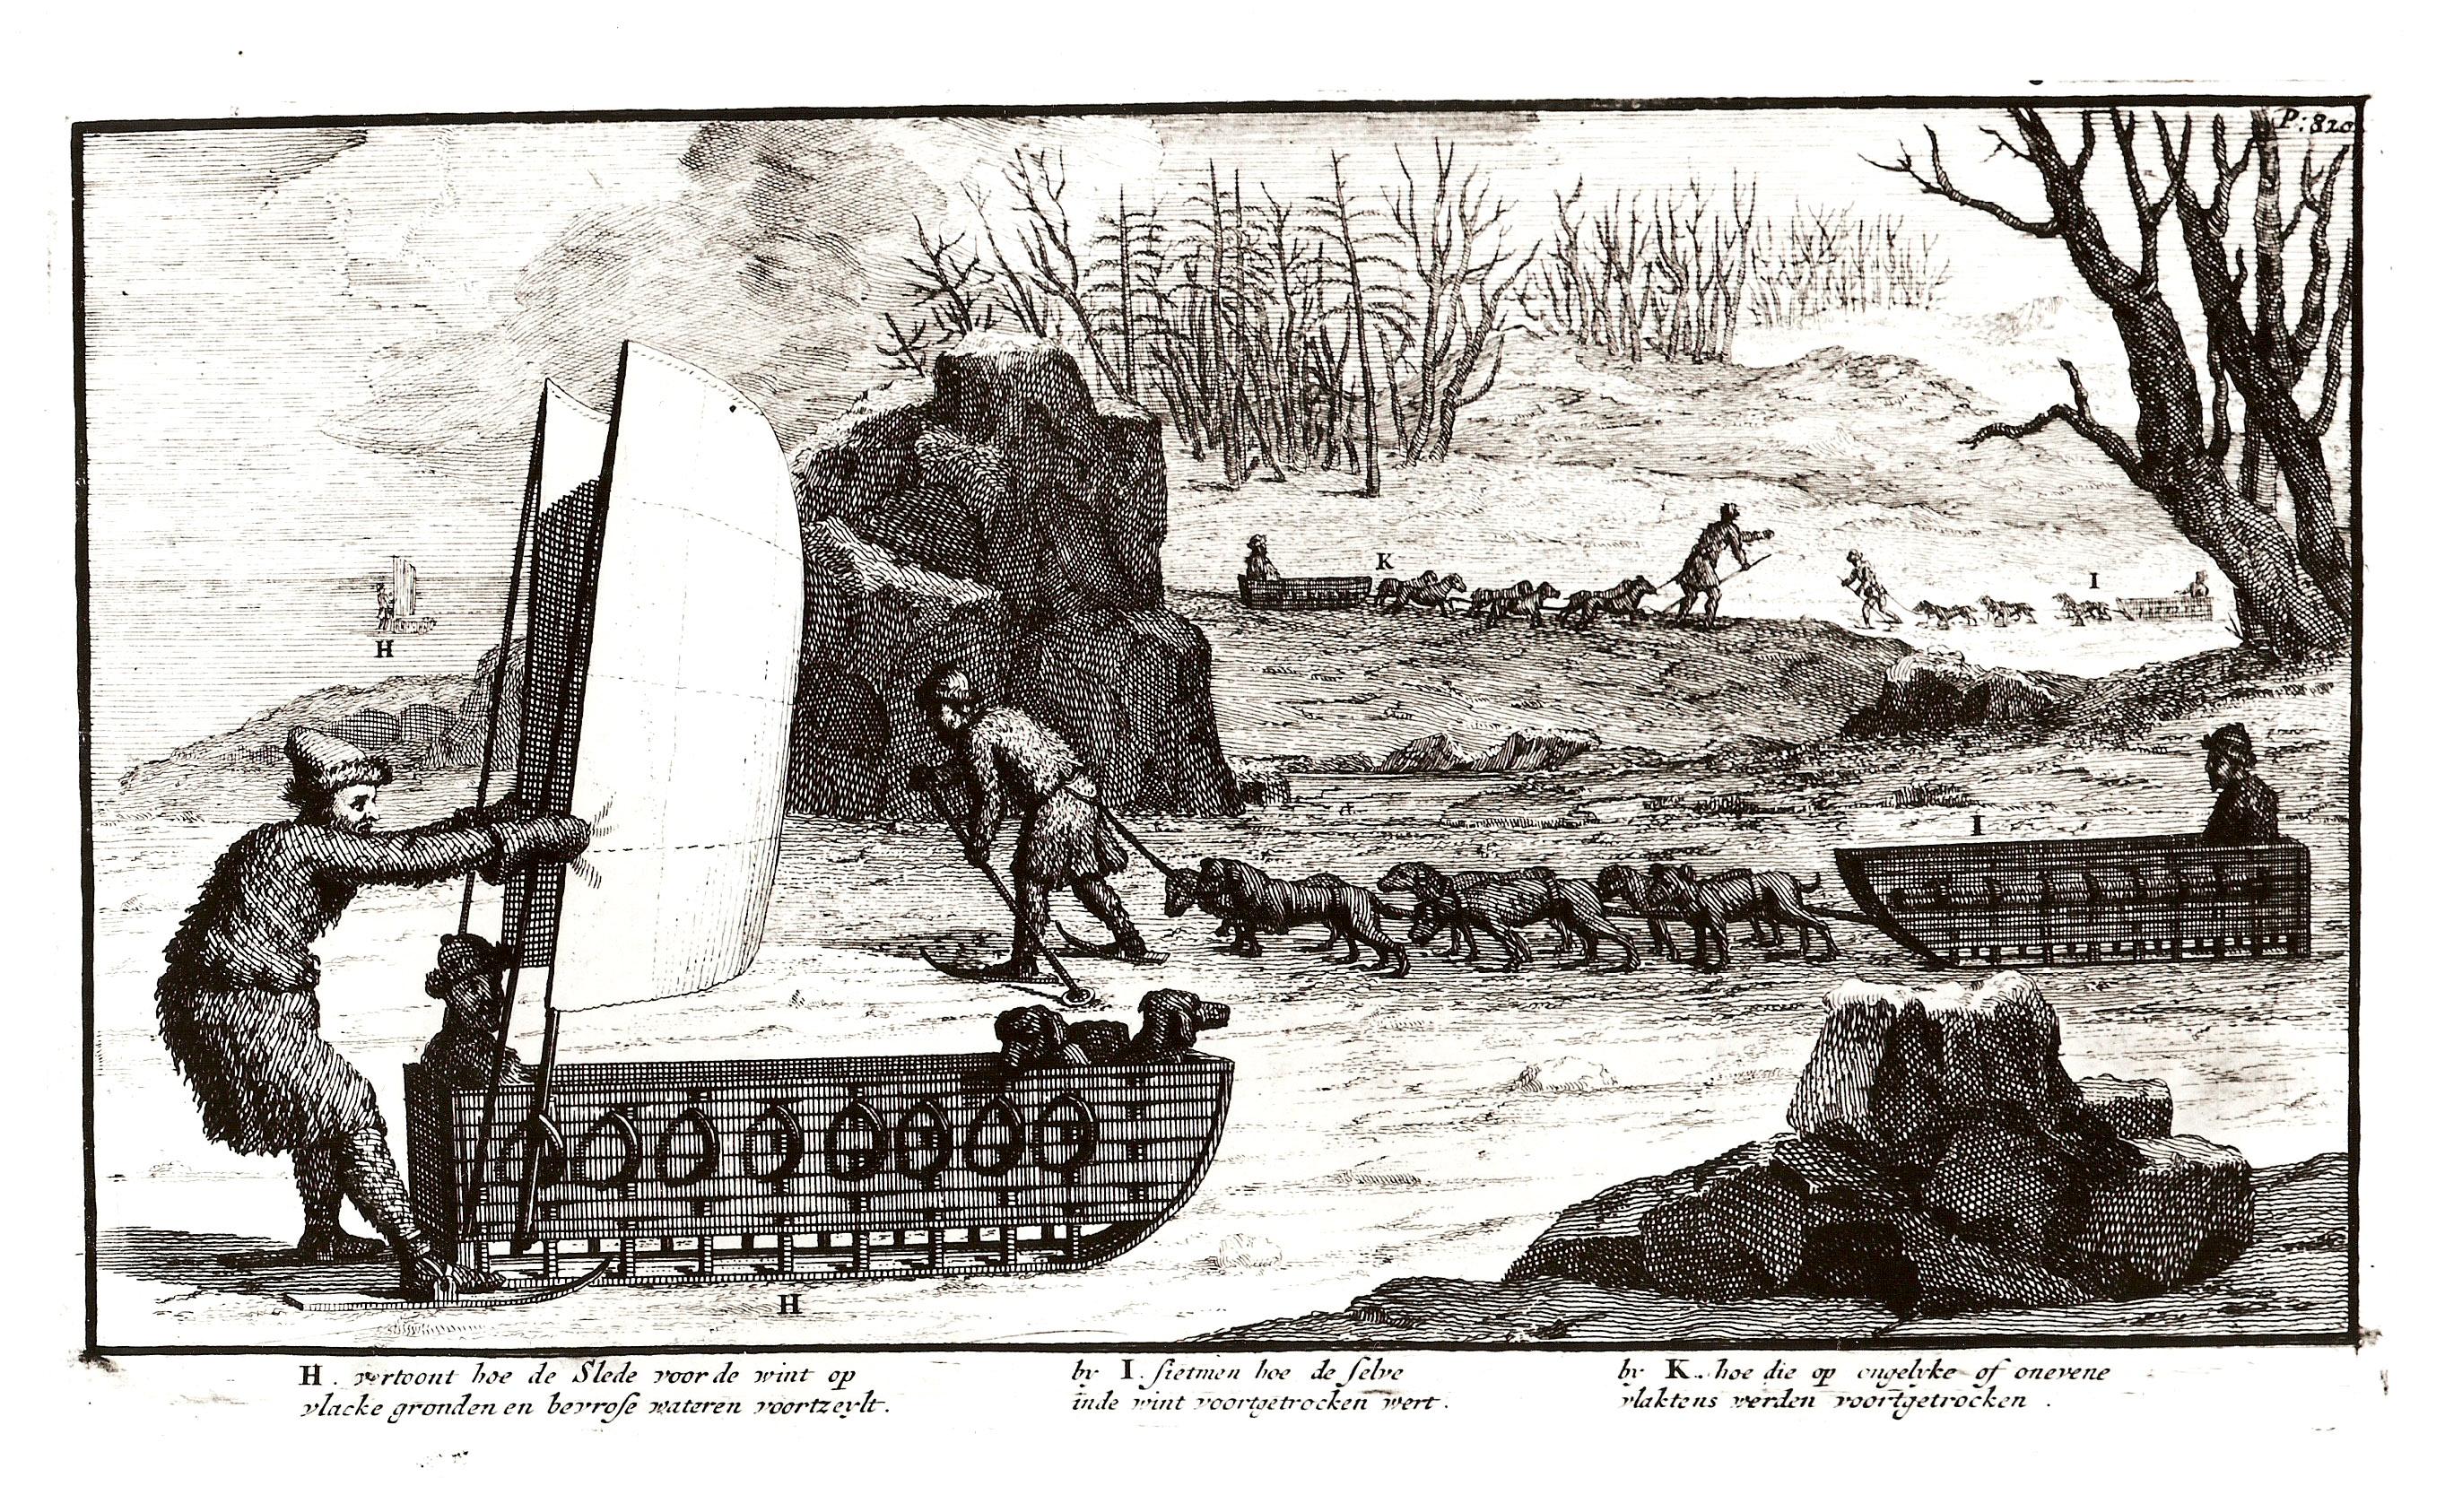 Показывает как парусные сани передвигаются с помощью ветра по  ровной земле и по замершей воде.